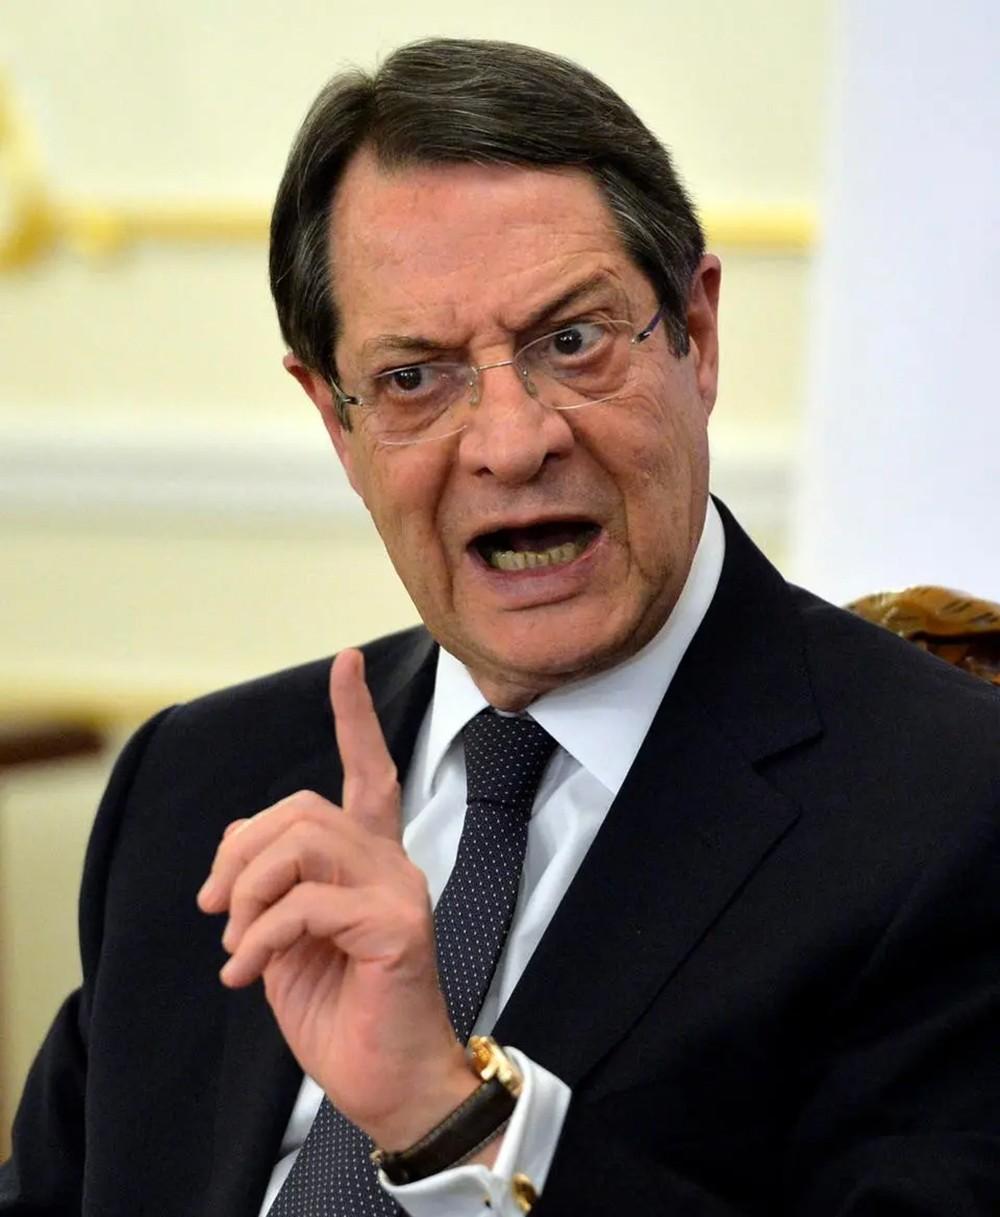 رئيس قبرص: لن نتراجع عن التنقيب عن الغاز رغم ضغوط أنقرة